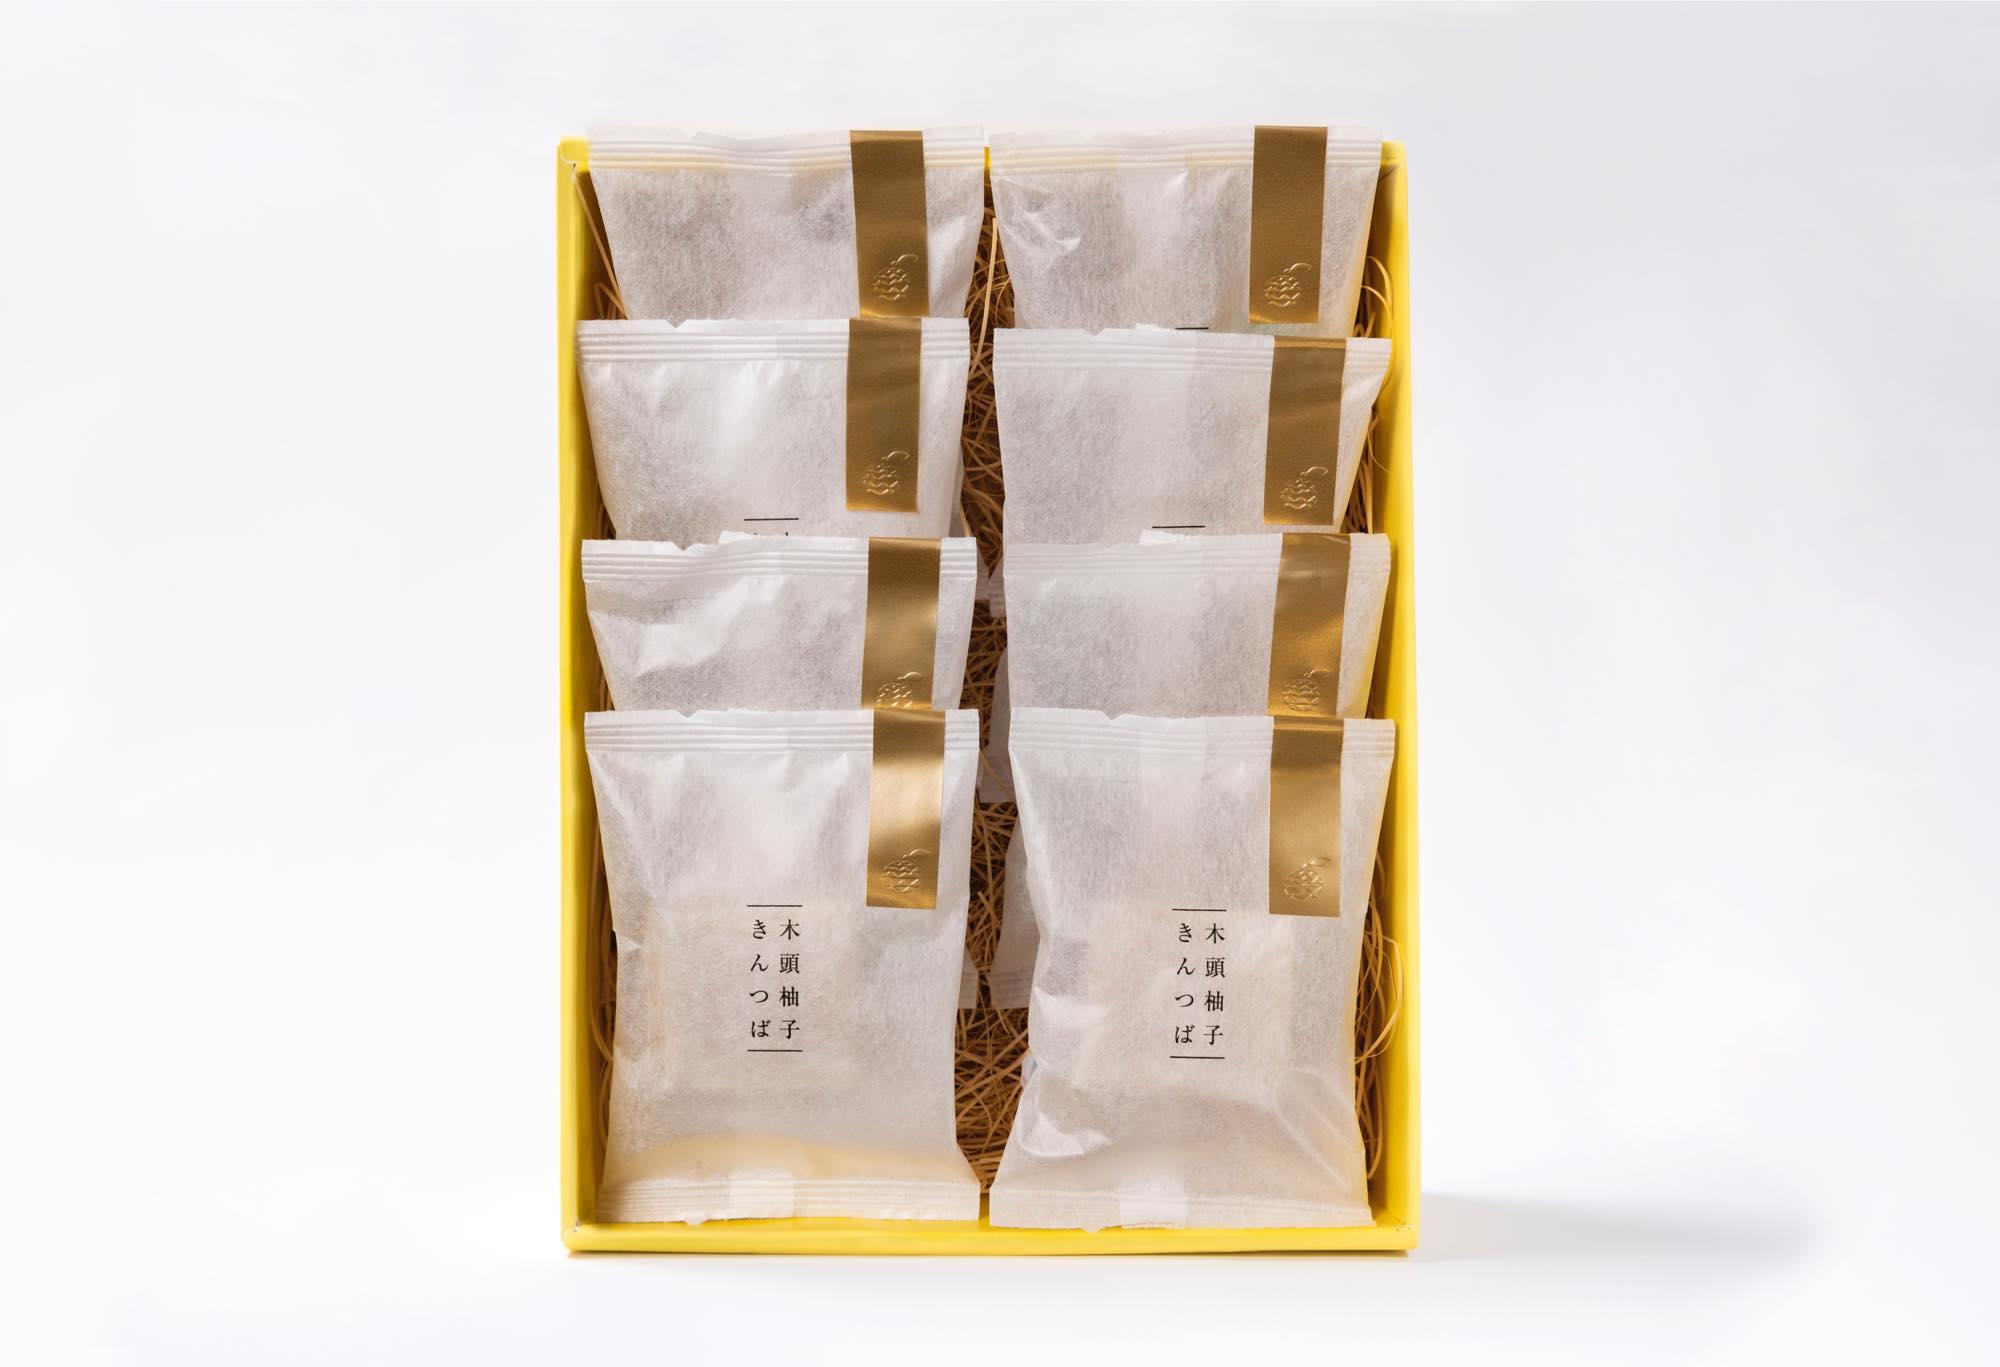 【新商品】木頭柚子 きんつば<8個入り>